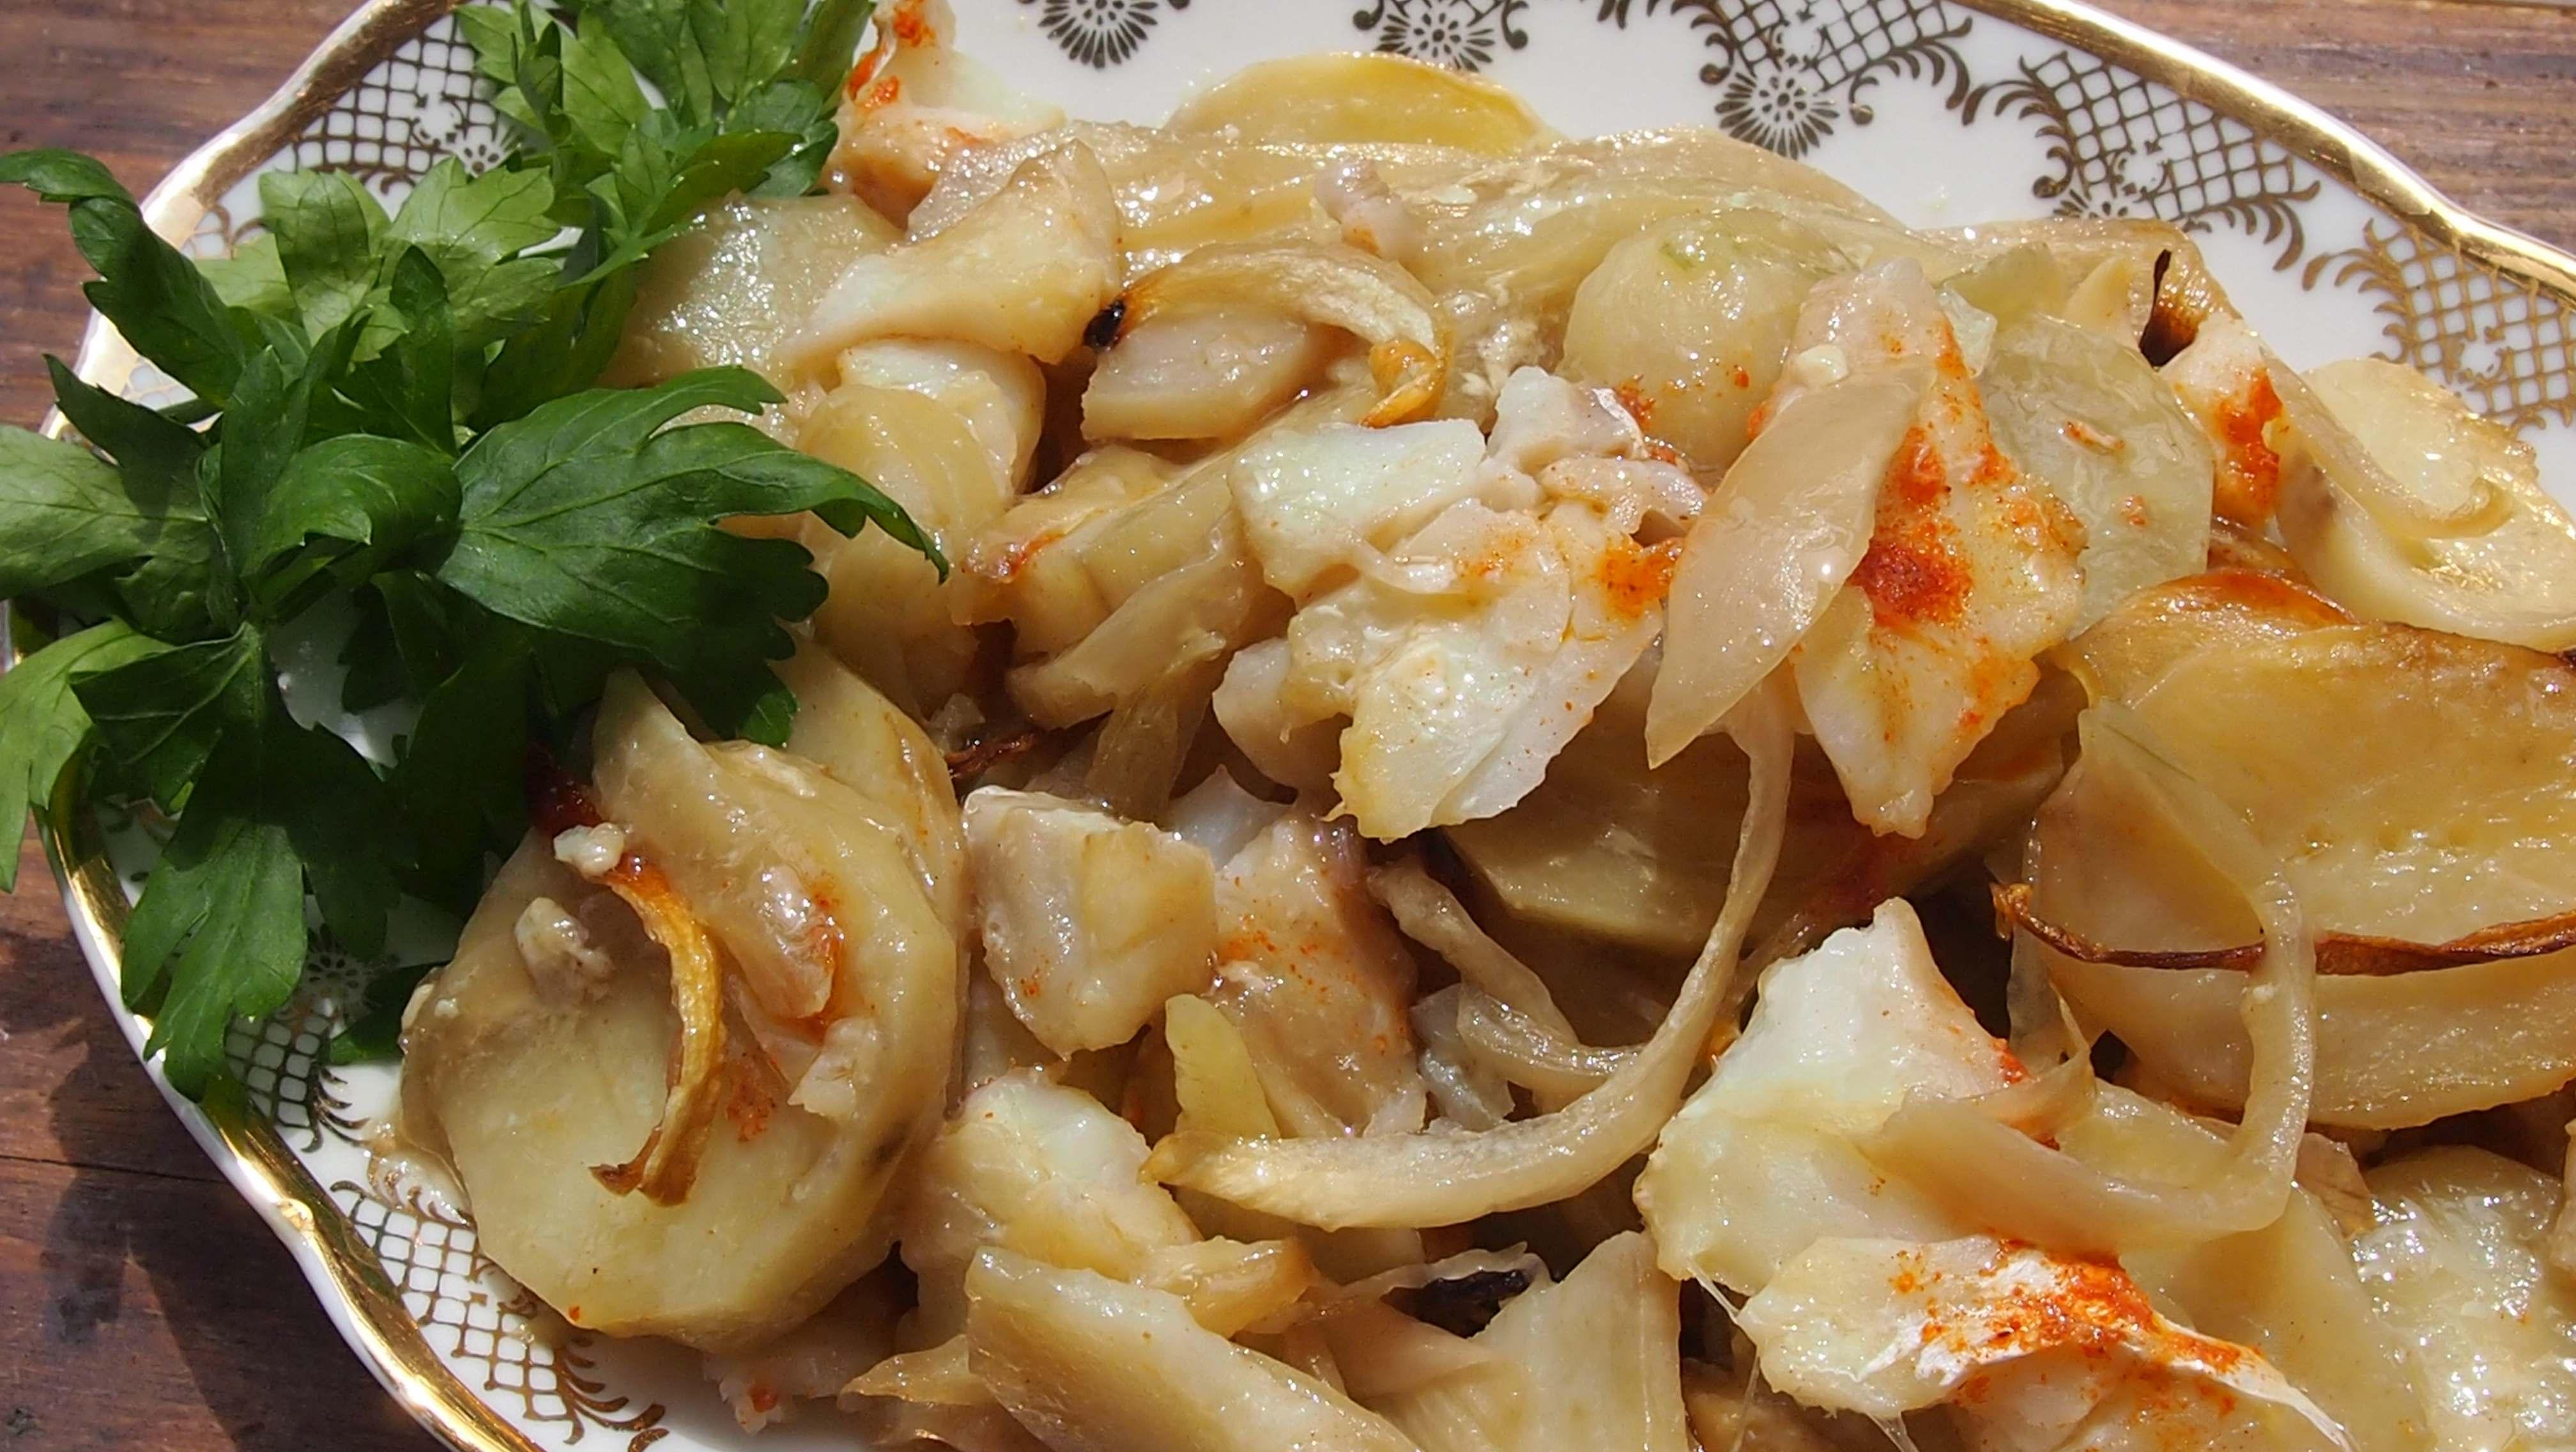 ryba zapiekana z ziemniakami